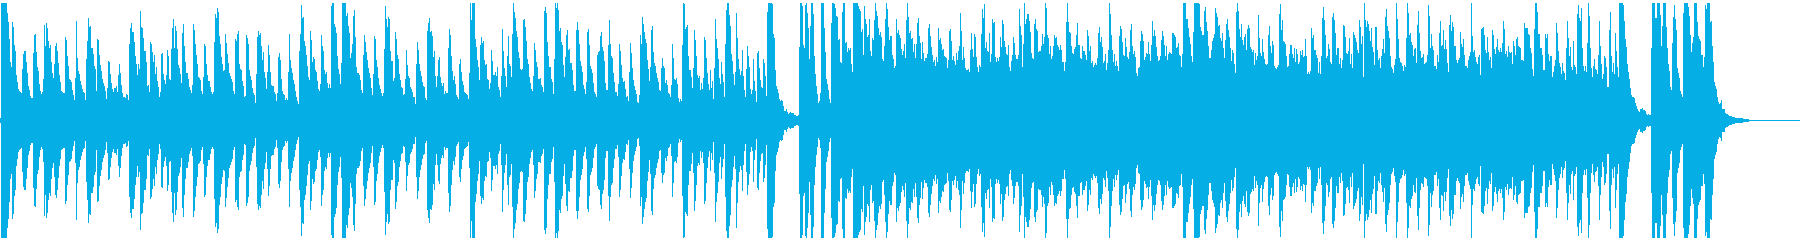 ハロウィン、ホラー、メランコリックBGMの再生済みの波形